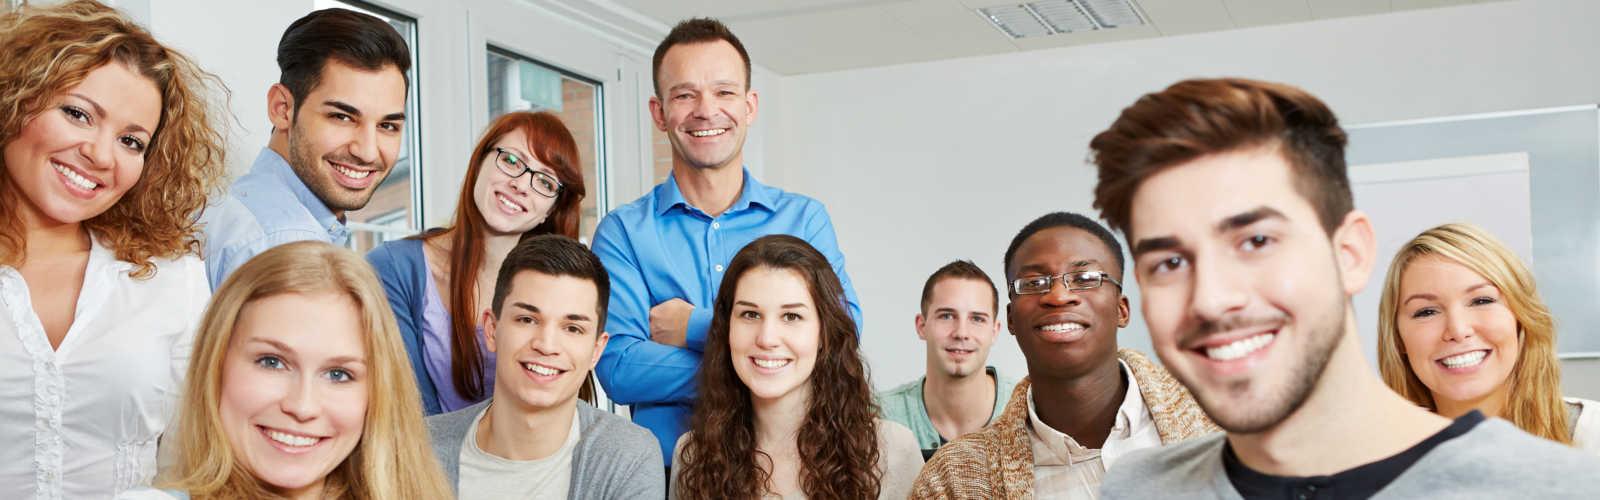 Smiling Customer - Glückliche Seminar Teilnehmer